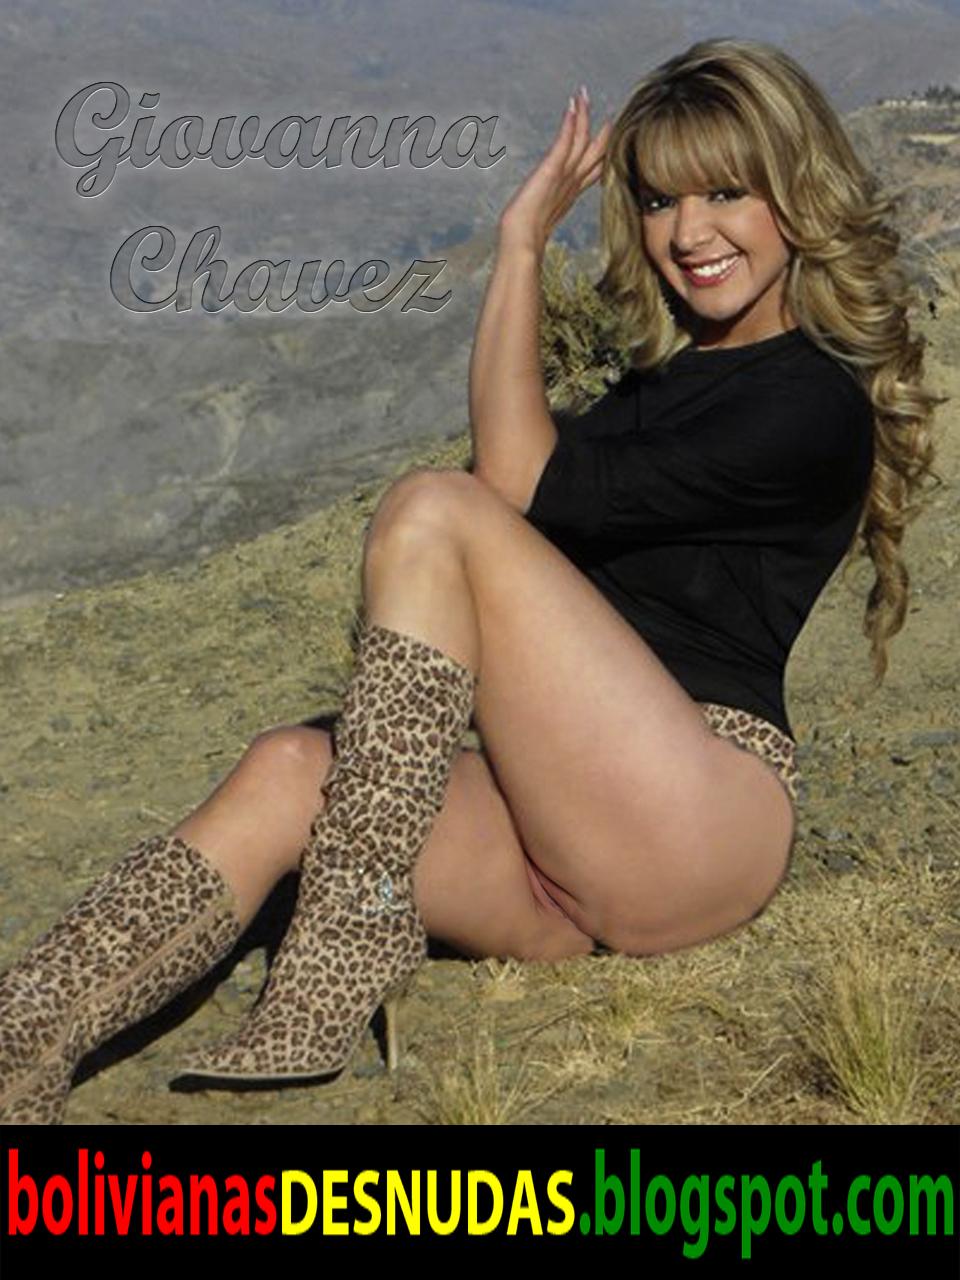 Bolivianas Famosas Desnudas Giovanna Chavez Que Tetas